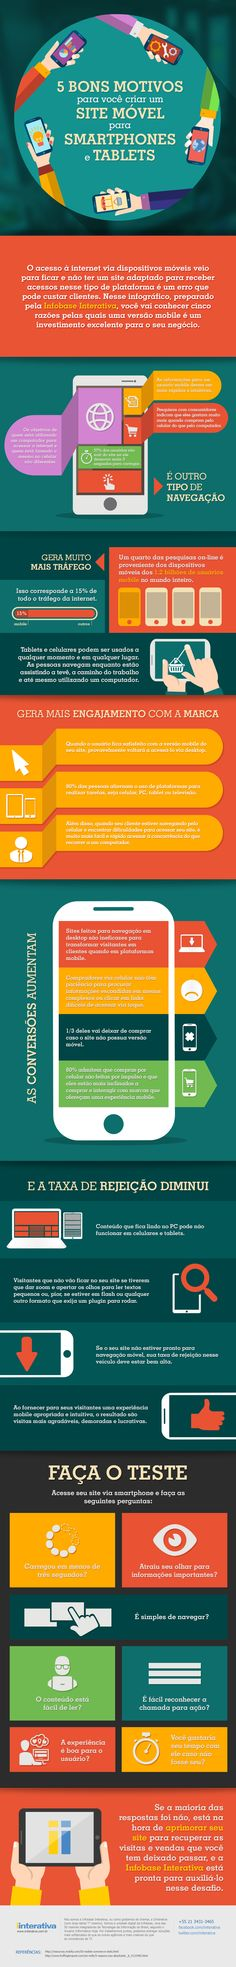 Infográfico – 5 bons motivos para você criar um site móvel para Smartphones e Tablets http://www.iinterativa.com.br/infografico-5-bons-motivos-para-voce-criar-um-bom-site-movel-para-smartphones-tablets/